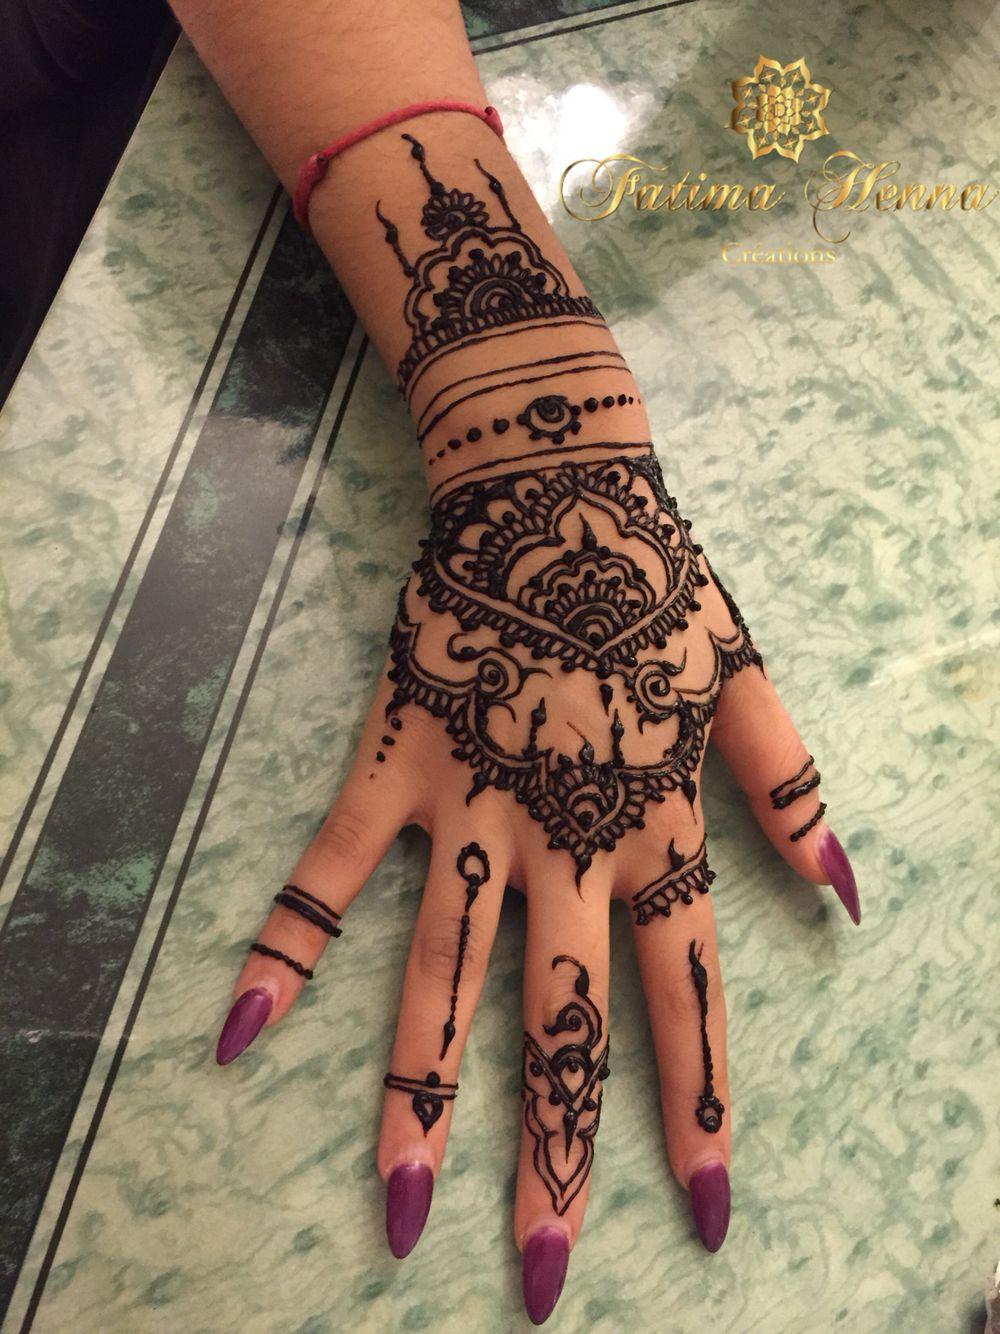 Inspiration Rihanna Tatuaje De Encaje Tatuaje Rihanna Tatuaje Piercing